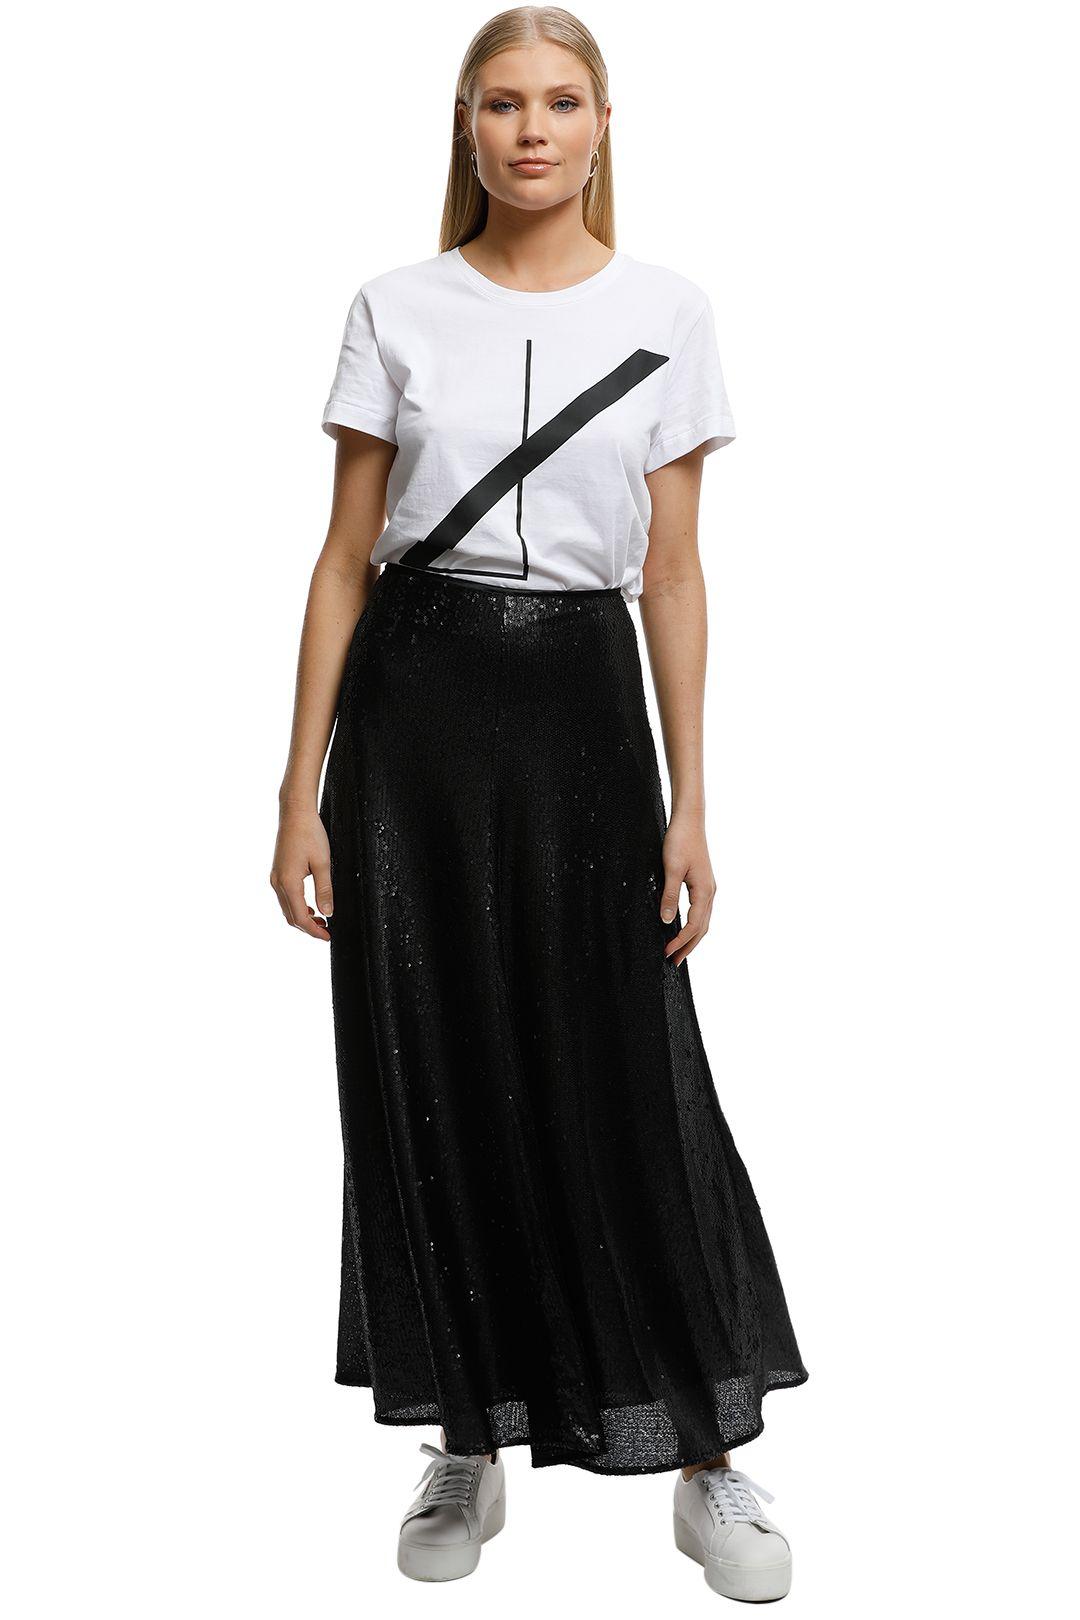 Kate-Sylvester-Odell-Skirt-Black-Front